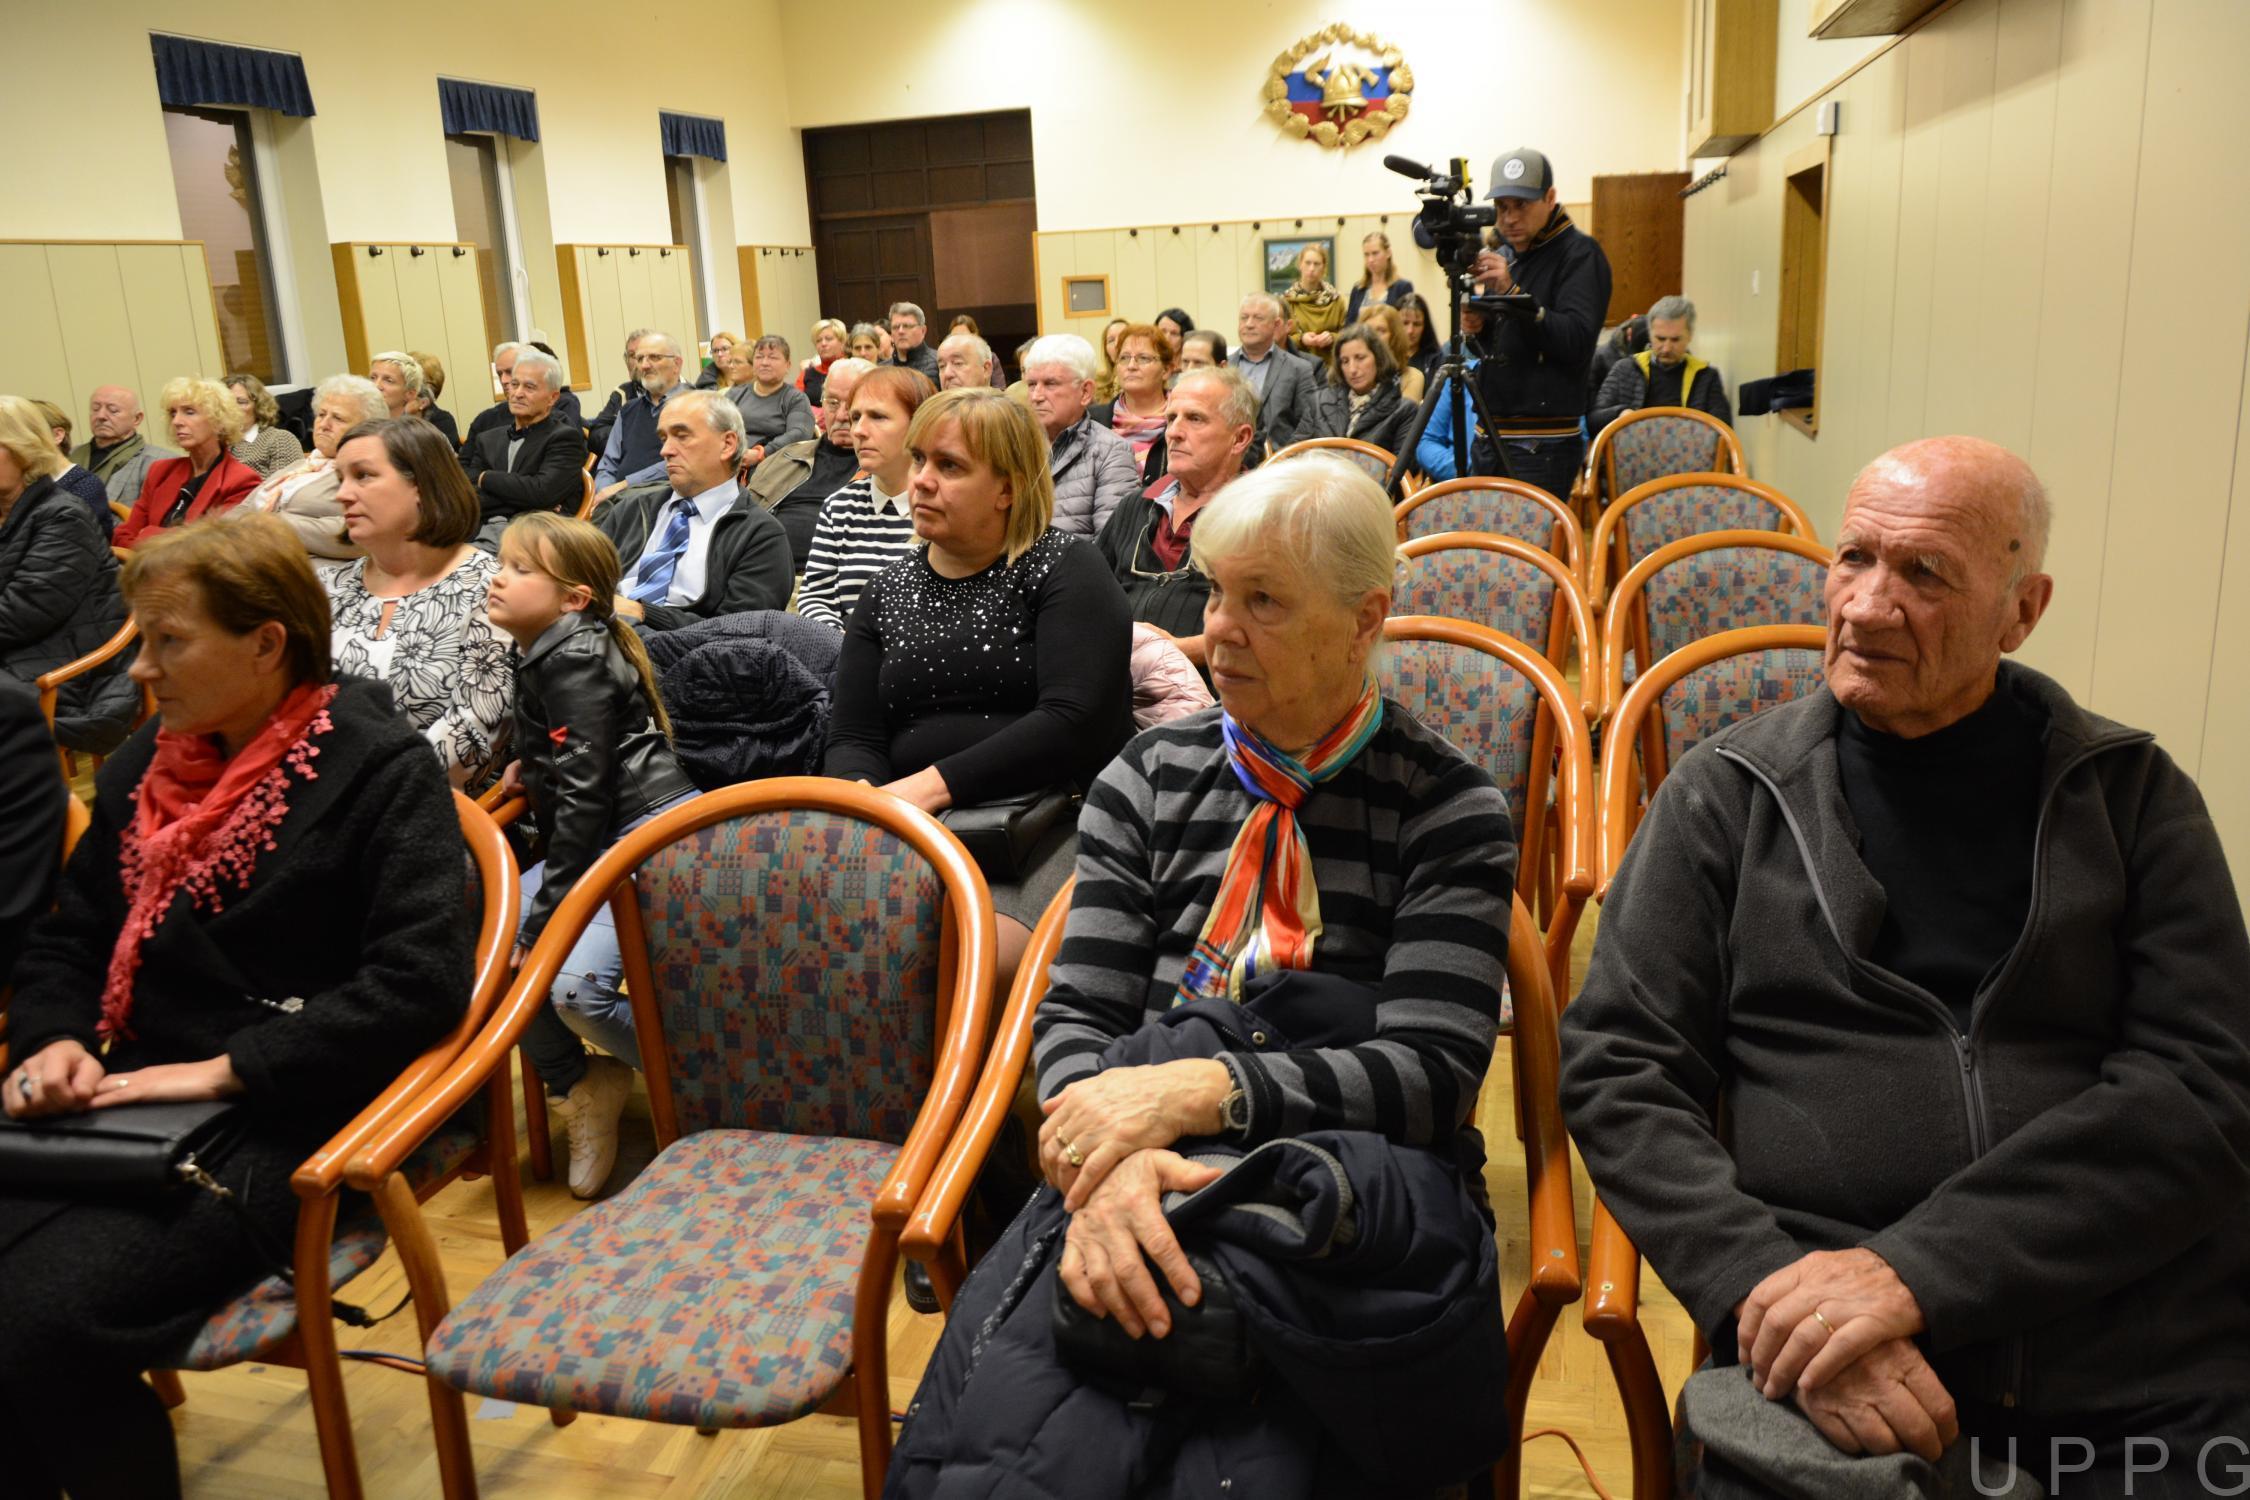 20 let UPPG - Križ, 22. nov. 2019 foto Jožef Pavlič (7)